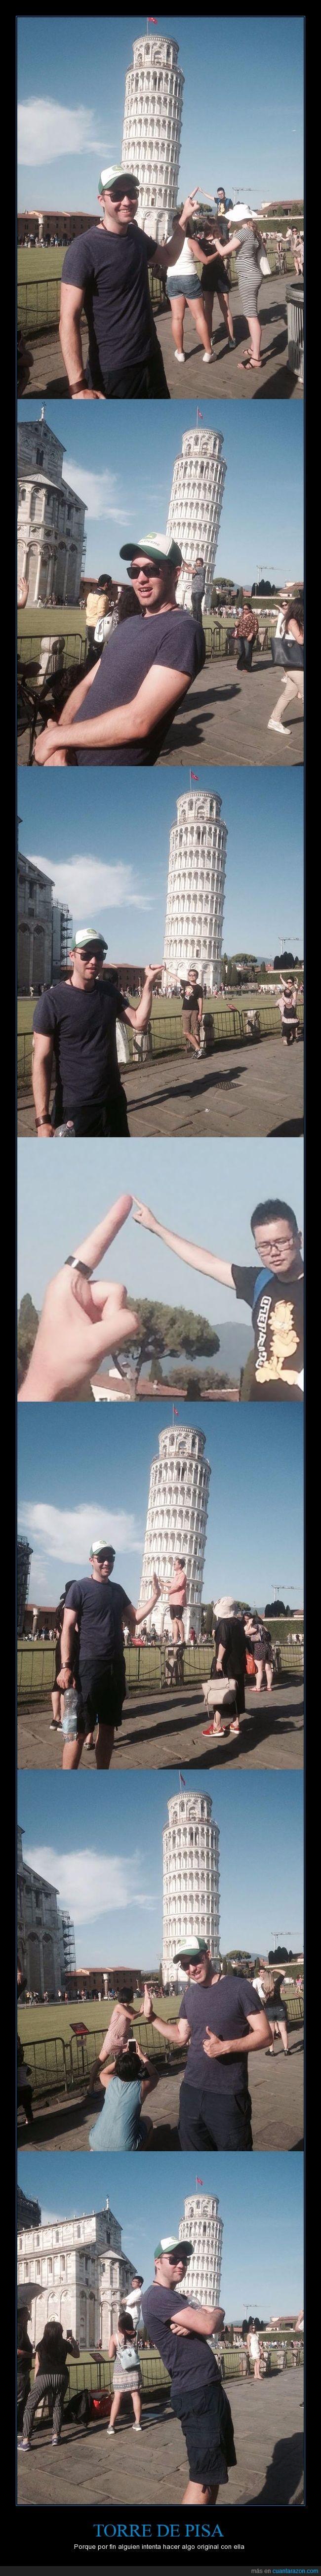 foto,pisa,posar,torre